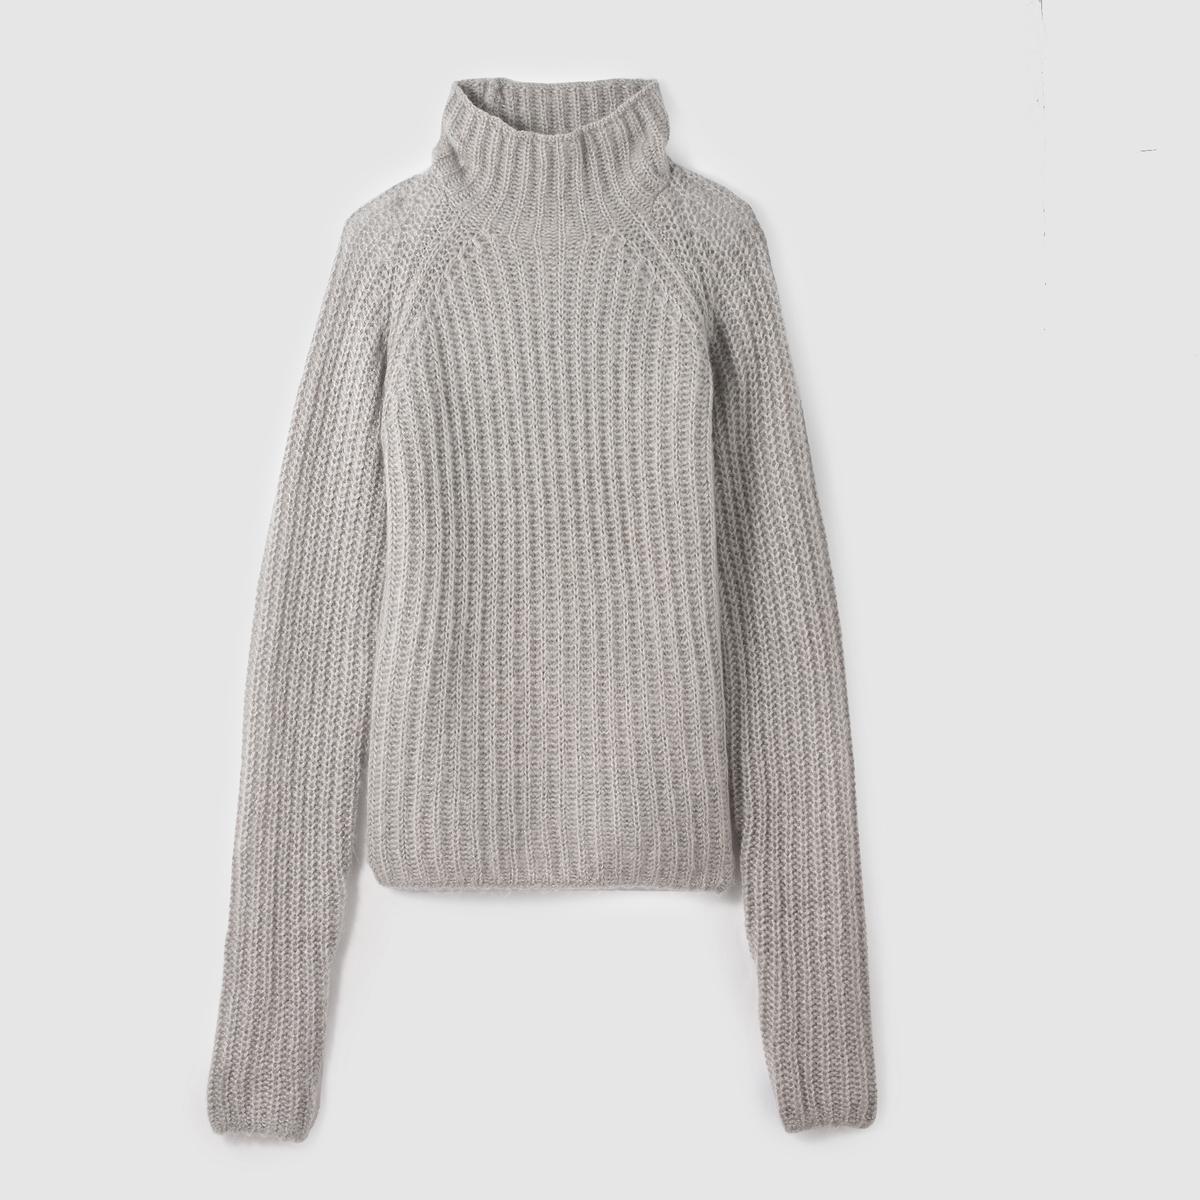 Пуловер с длинными рукавами HAZE KNITСостав и описание :Материал : 100% акрилМарка : CHEAP MONDAY.<br><br>Цвет: серый